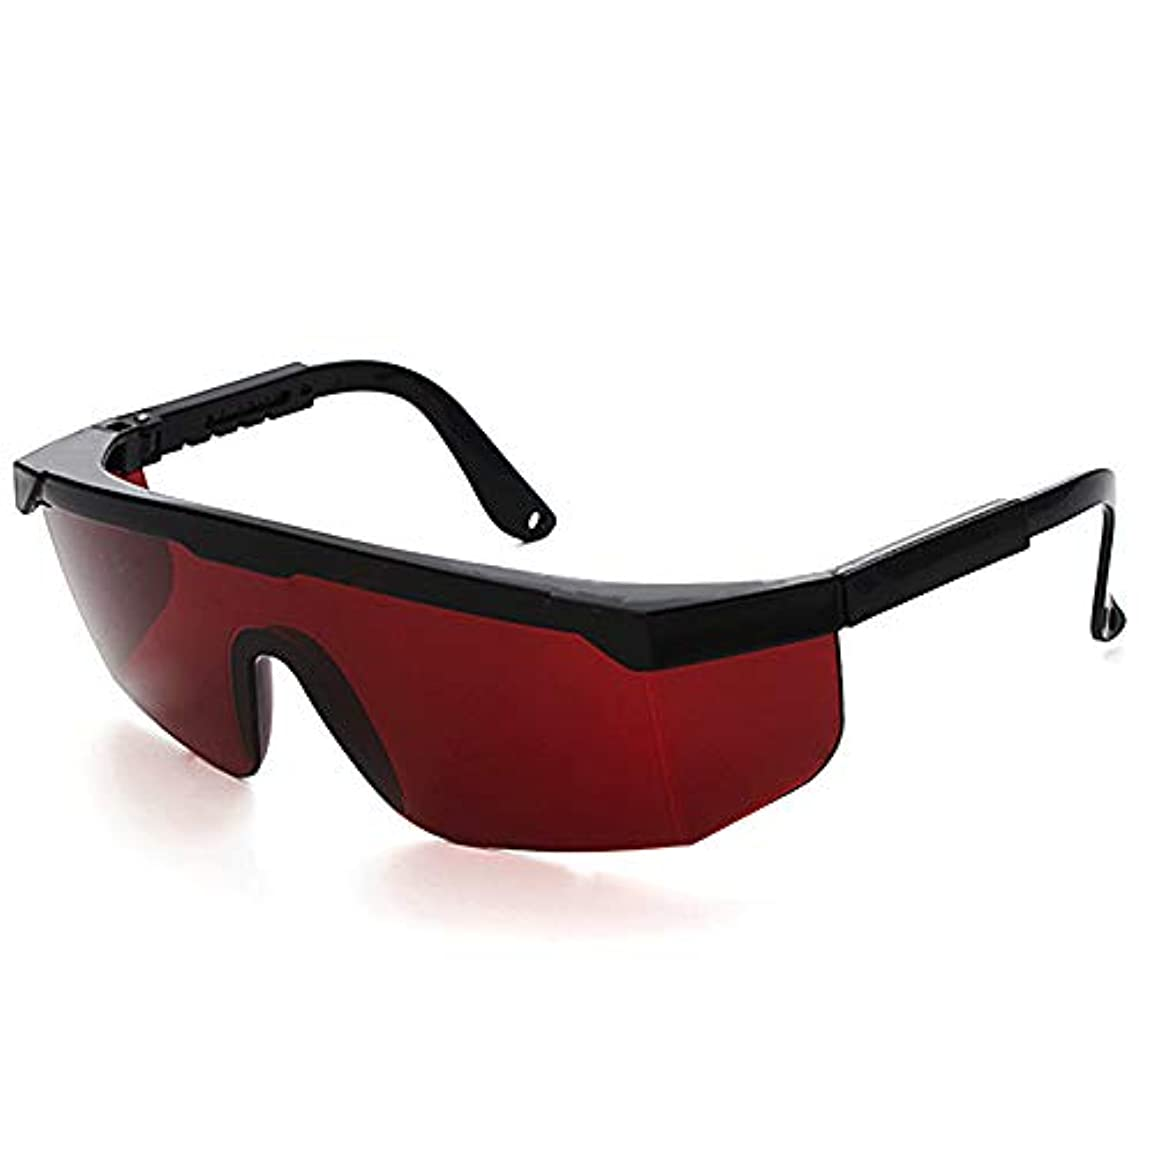 火山の覚醒鎮静剤レーザー保護メガネIPL美容機器メガネ、レーザーメガネ - 2組のパルス光保護メガネ。